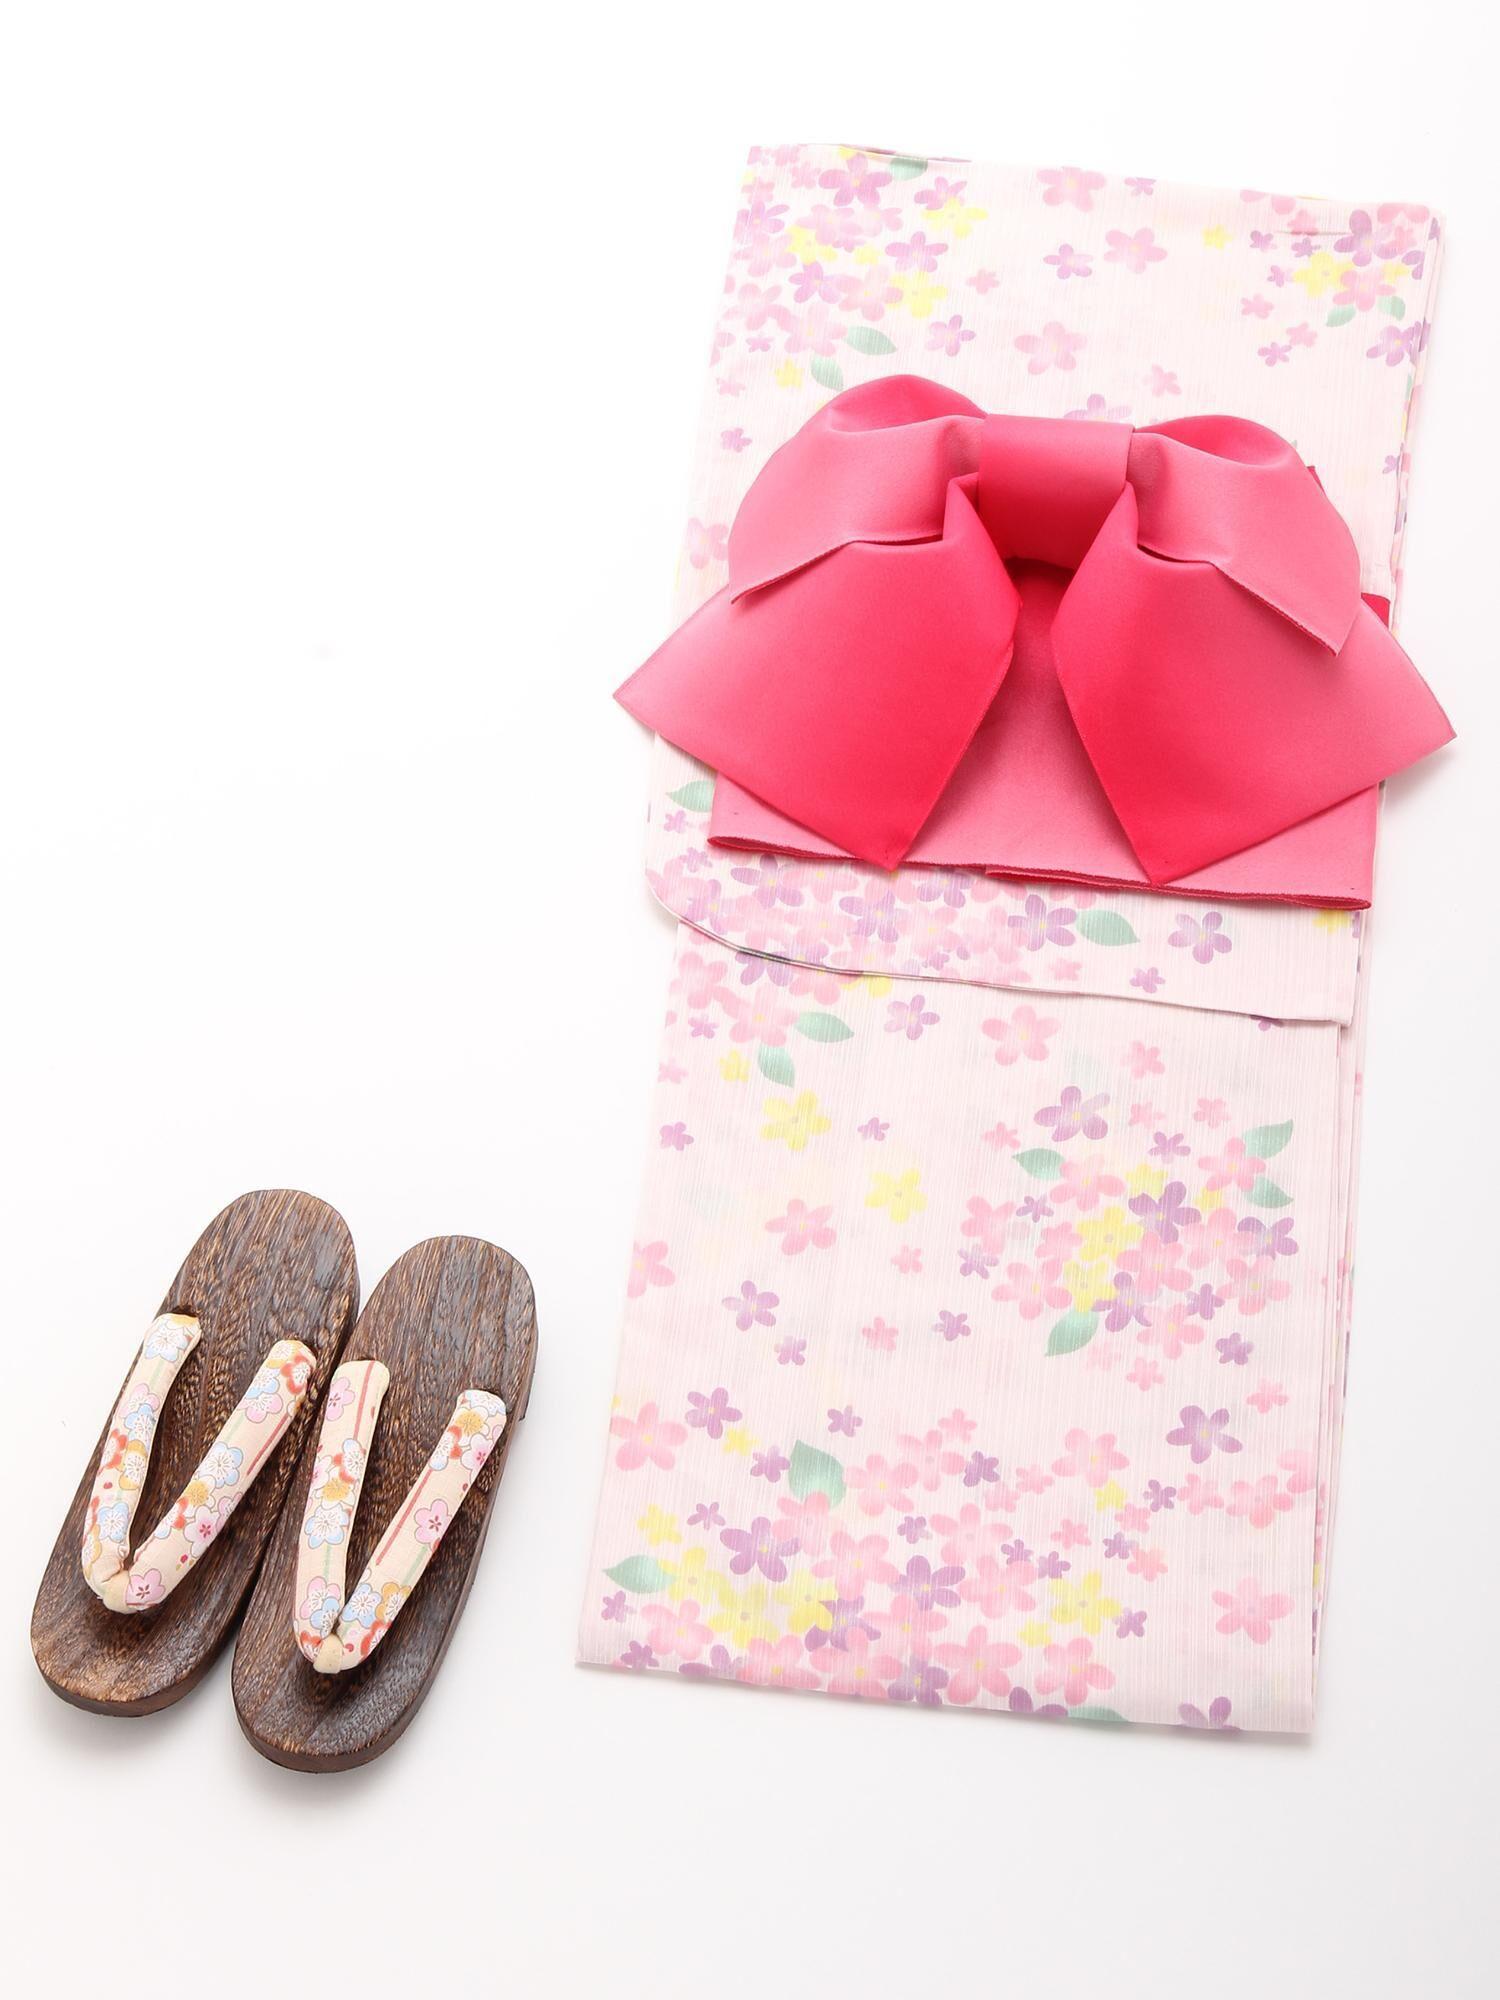 カラフル紫陽花柄浴衣